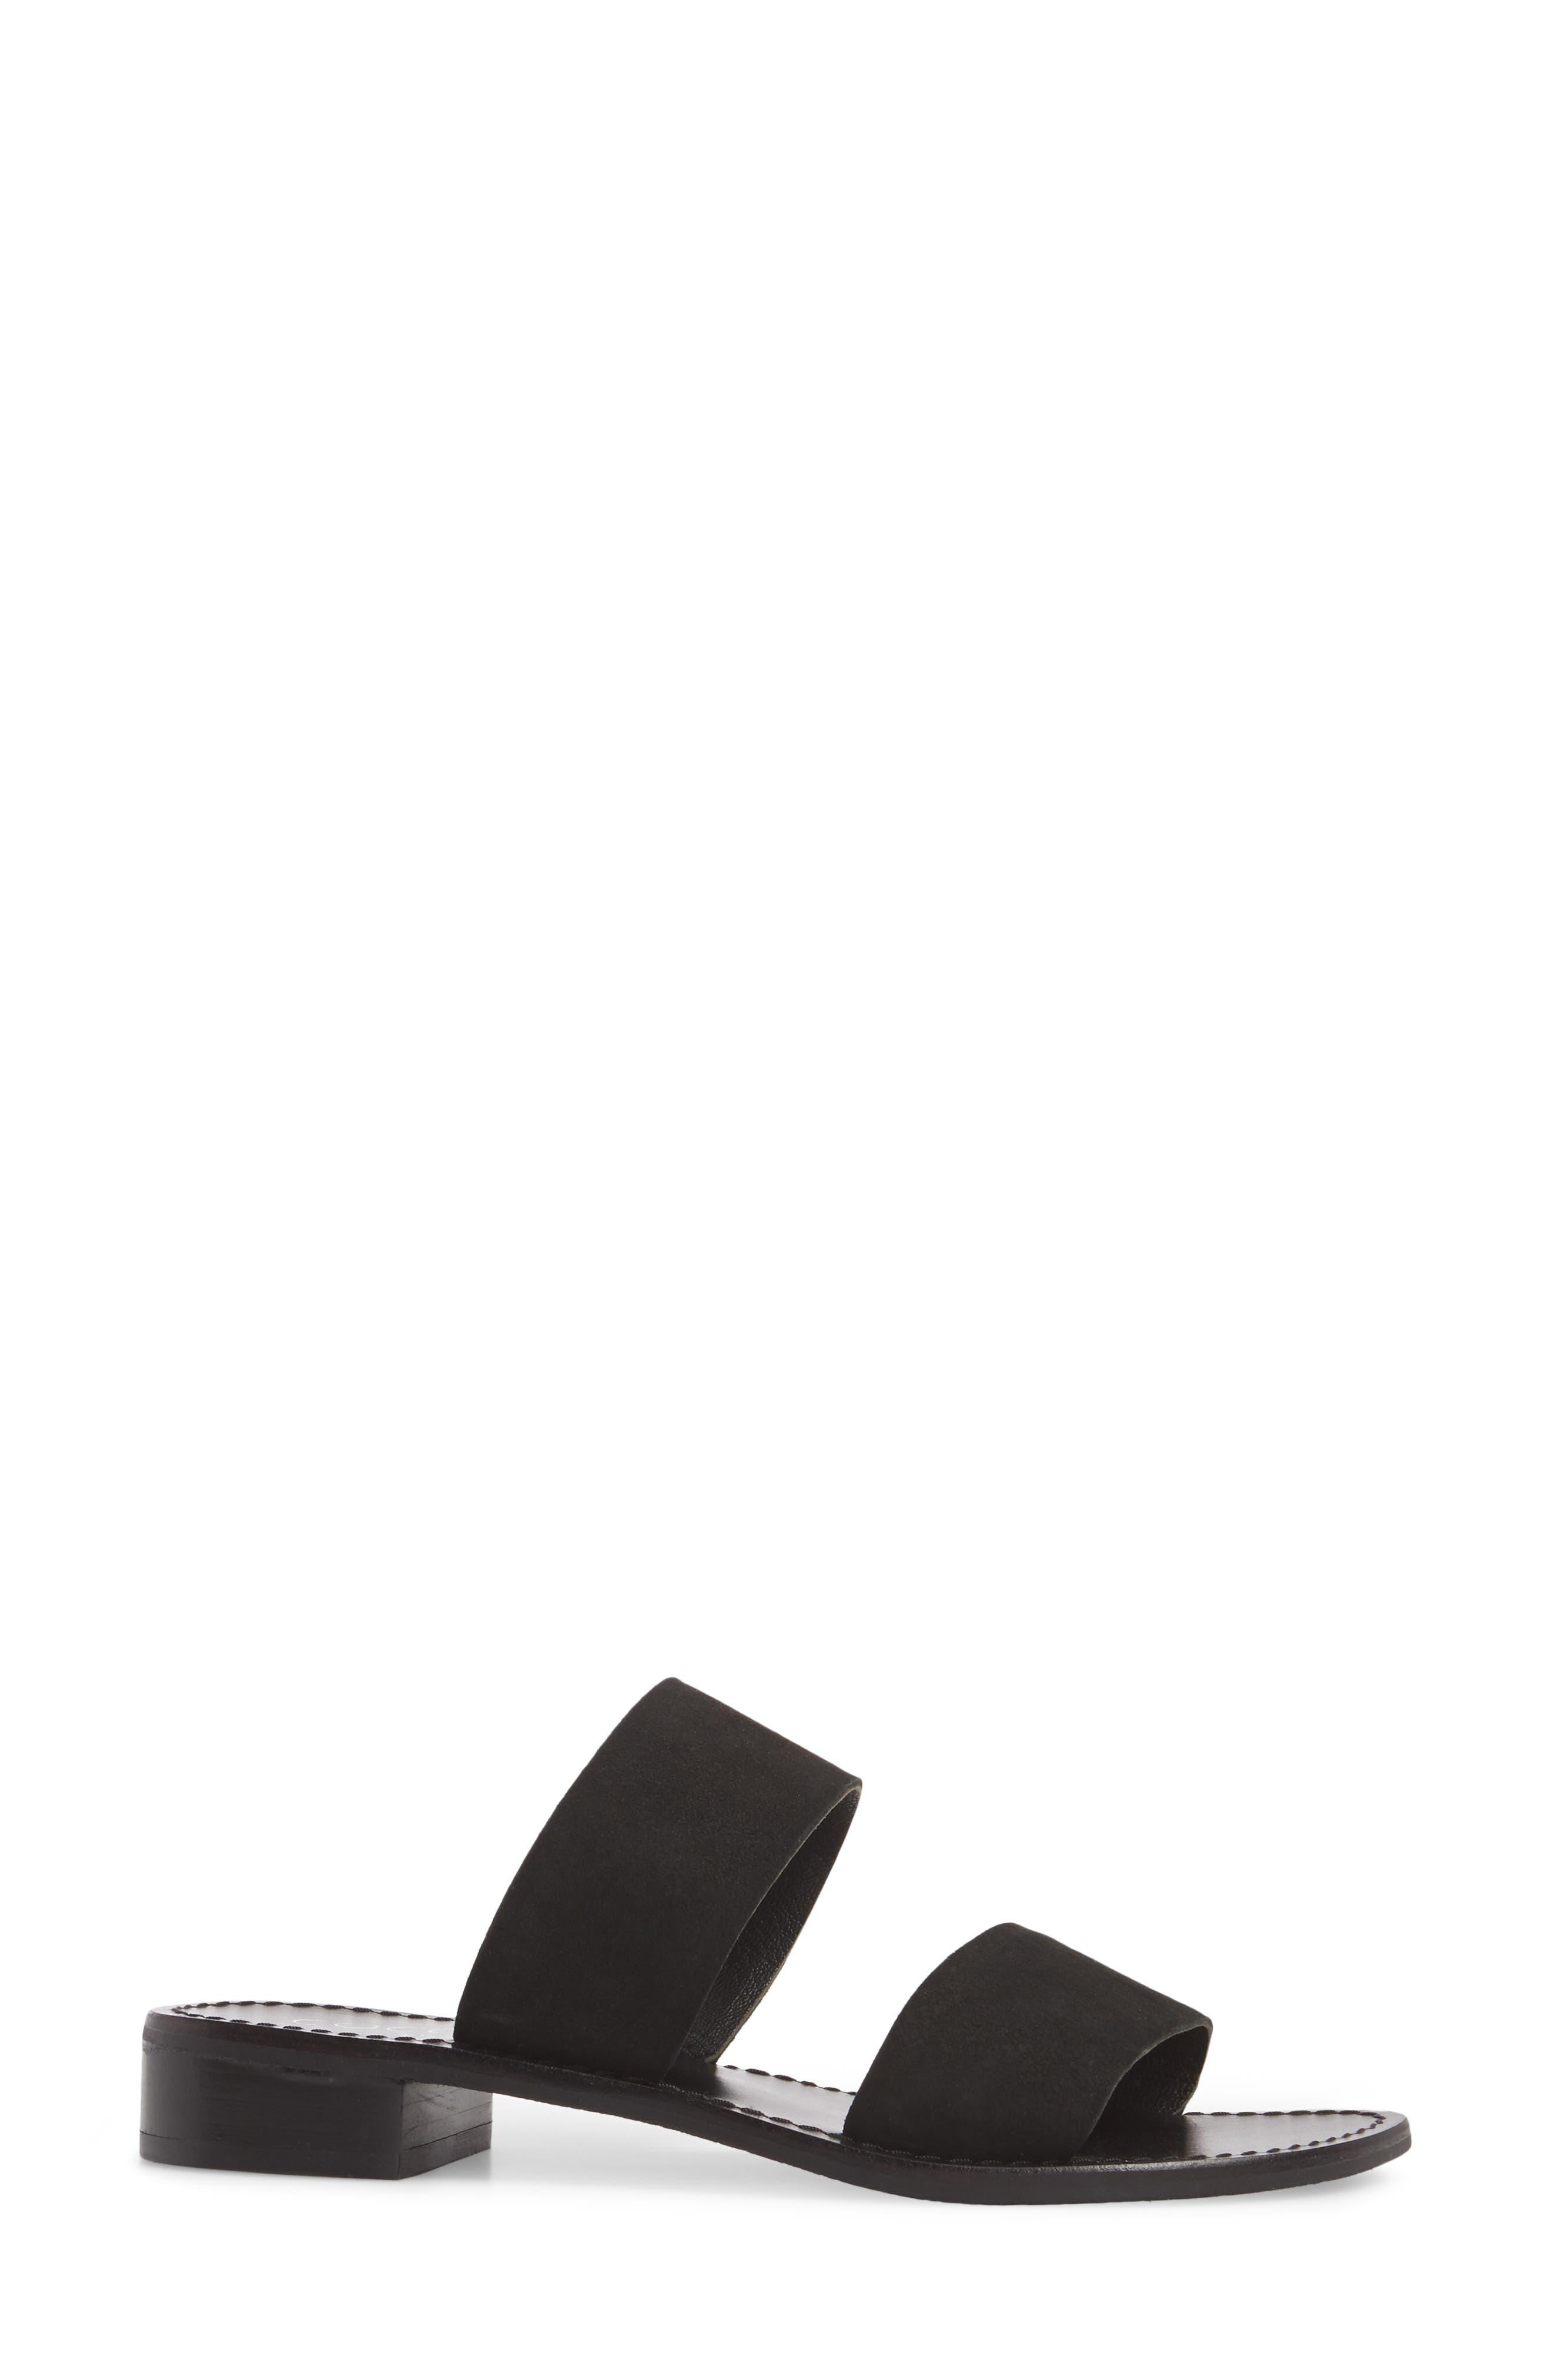 Limelight Slide Sandal,                             Alternate thumbnail 9, color,